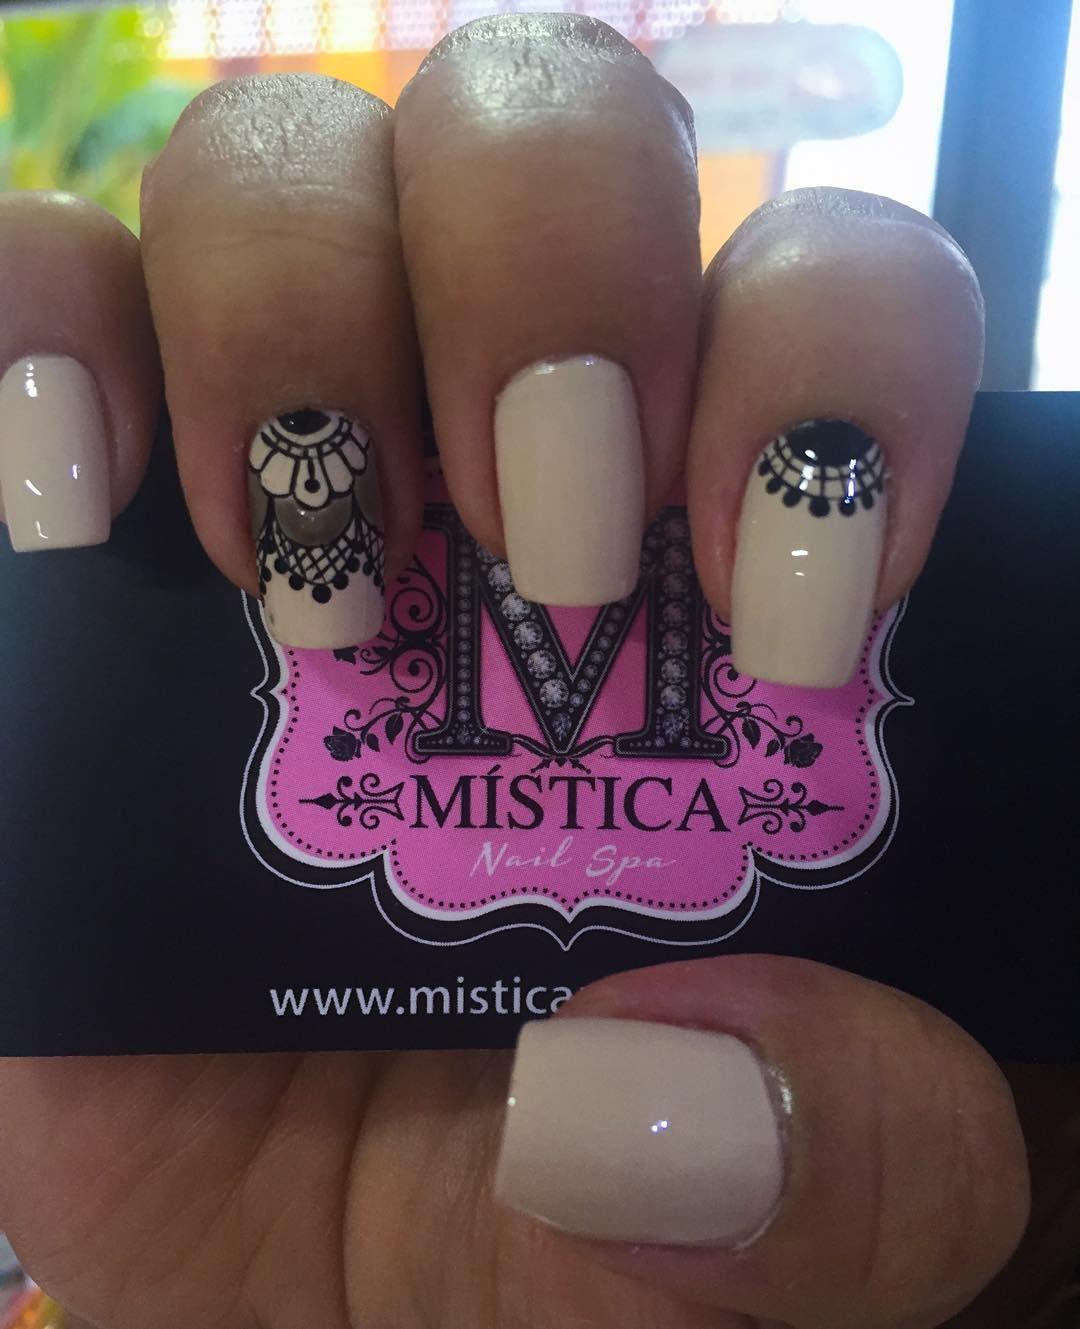 Resultado de imagen para mistica instagram | uñas | Pinterest | Spa ...